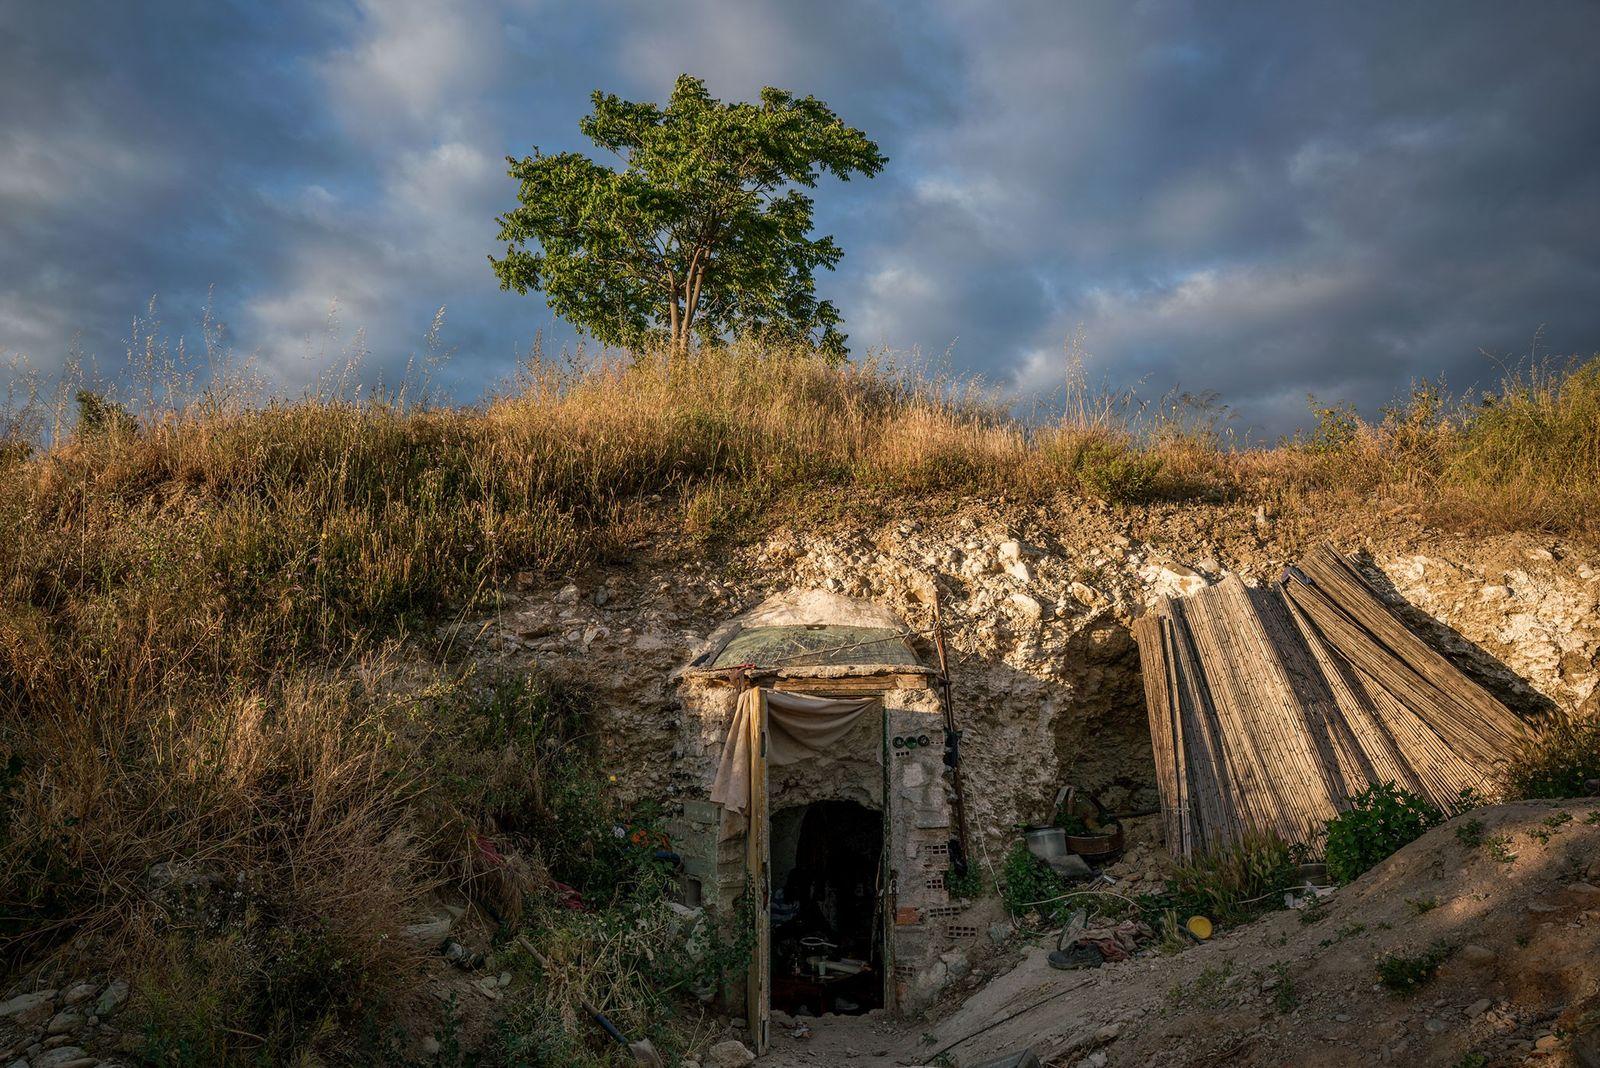 La puerta de entrada de una cueva sobresale ligeramente de una pared rocosa en Sacromonte. Muchas ...